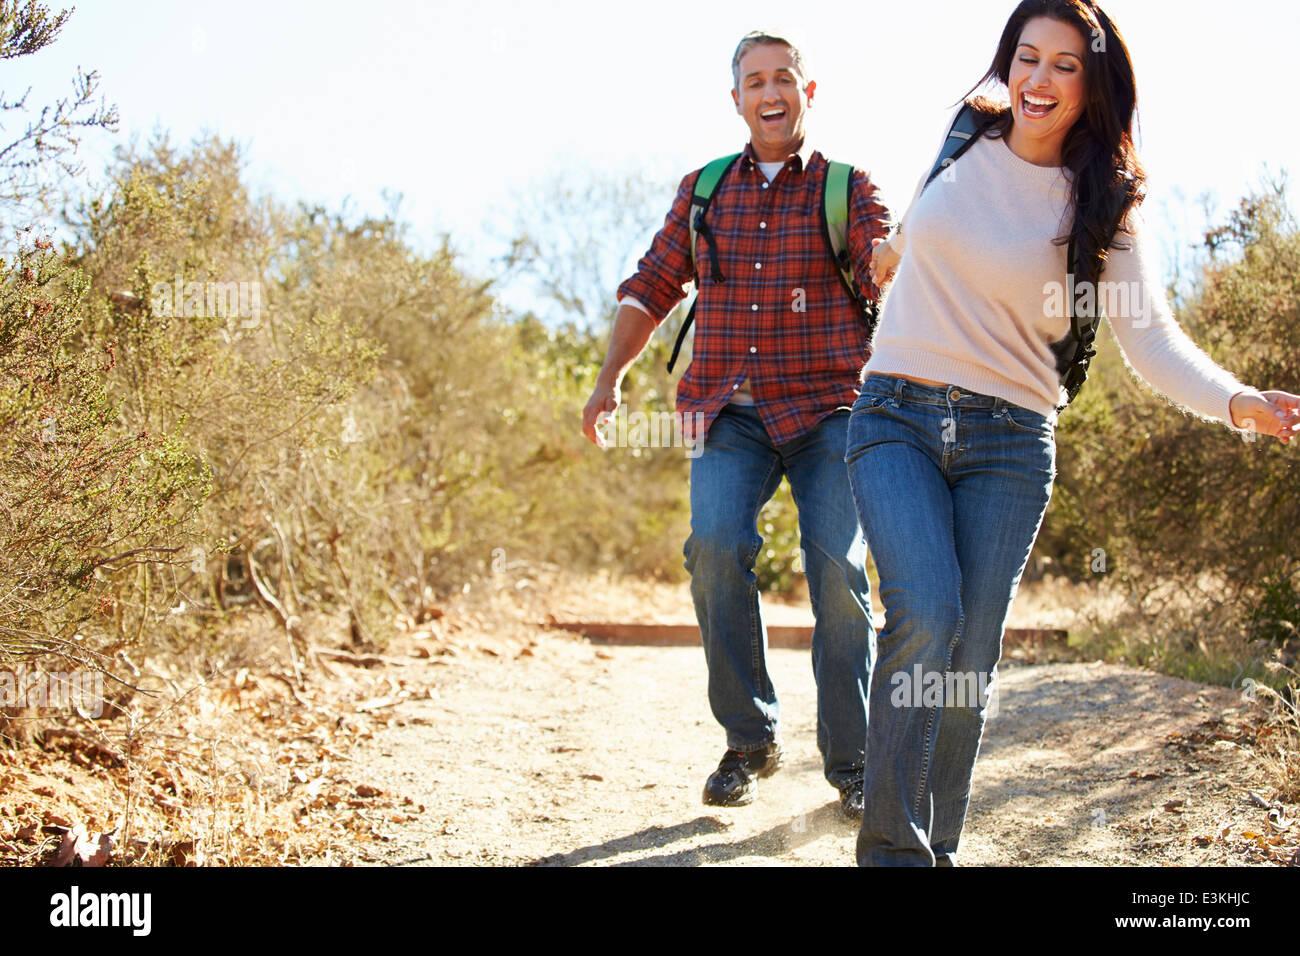 Par de senderismo en campo portando mochilas Foto de stock